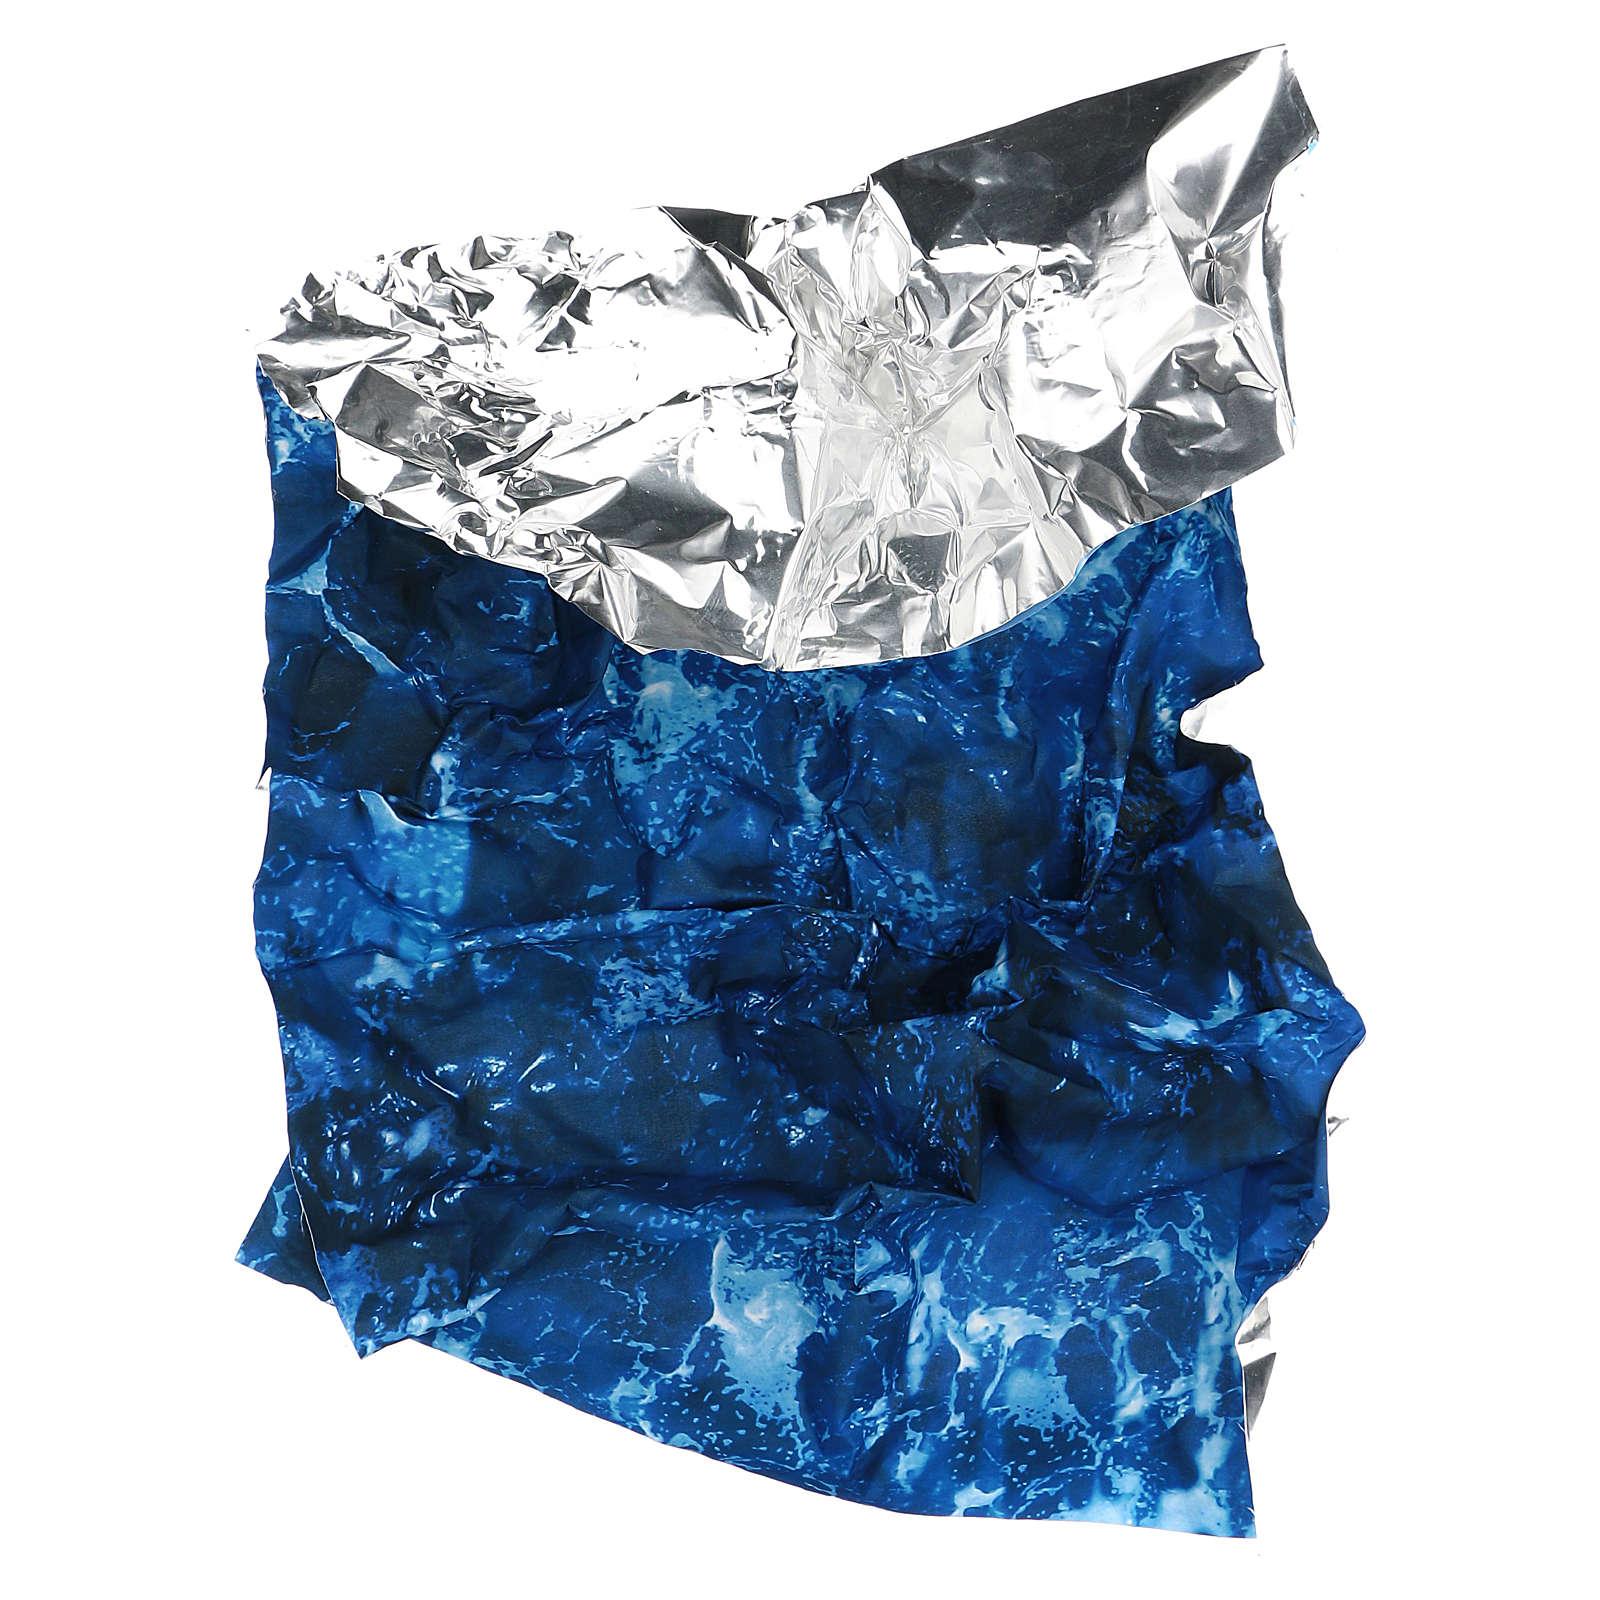 Carta da parati modellabile acqua 120x60 cm presepe fai da te 4